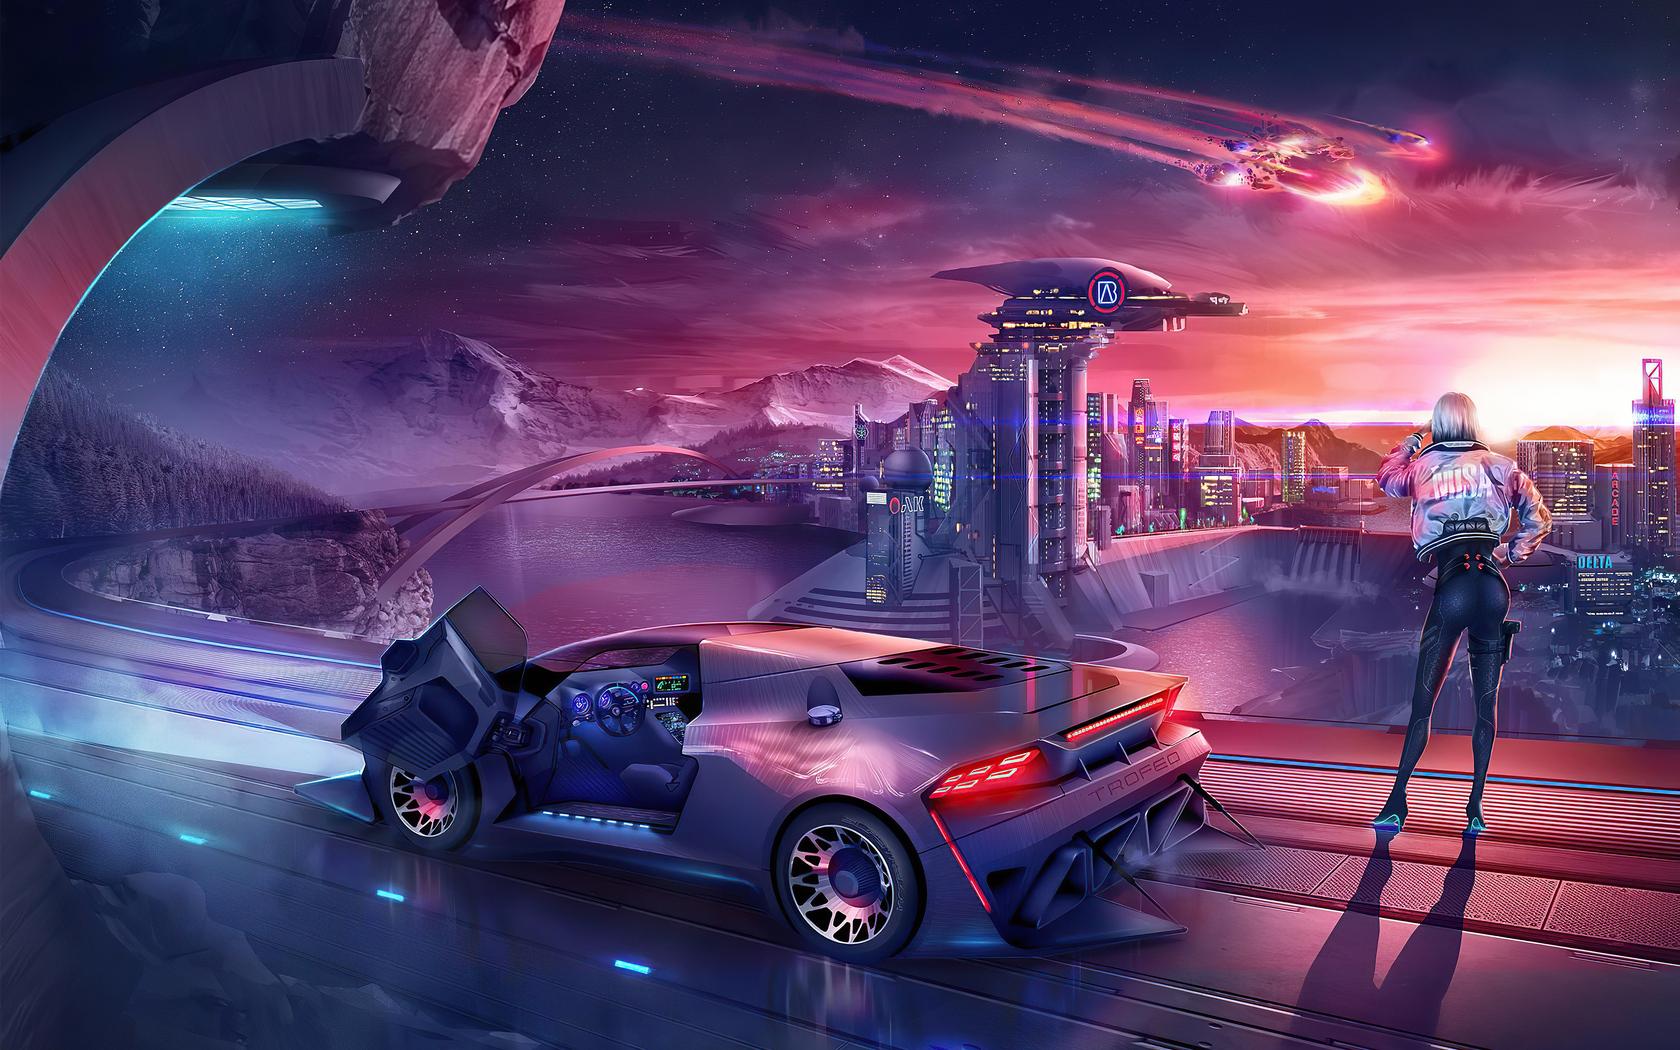 cyberpunk-girl-night-city-drive-4k-hd.jpg